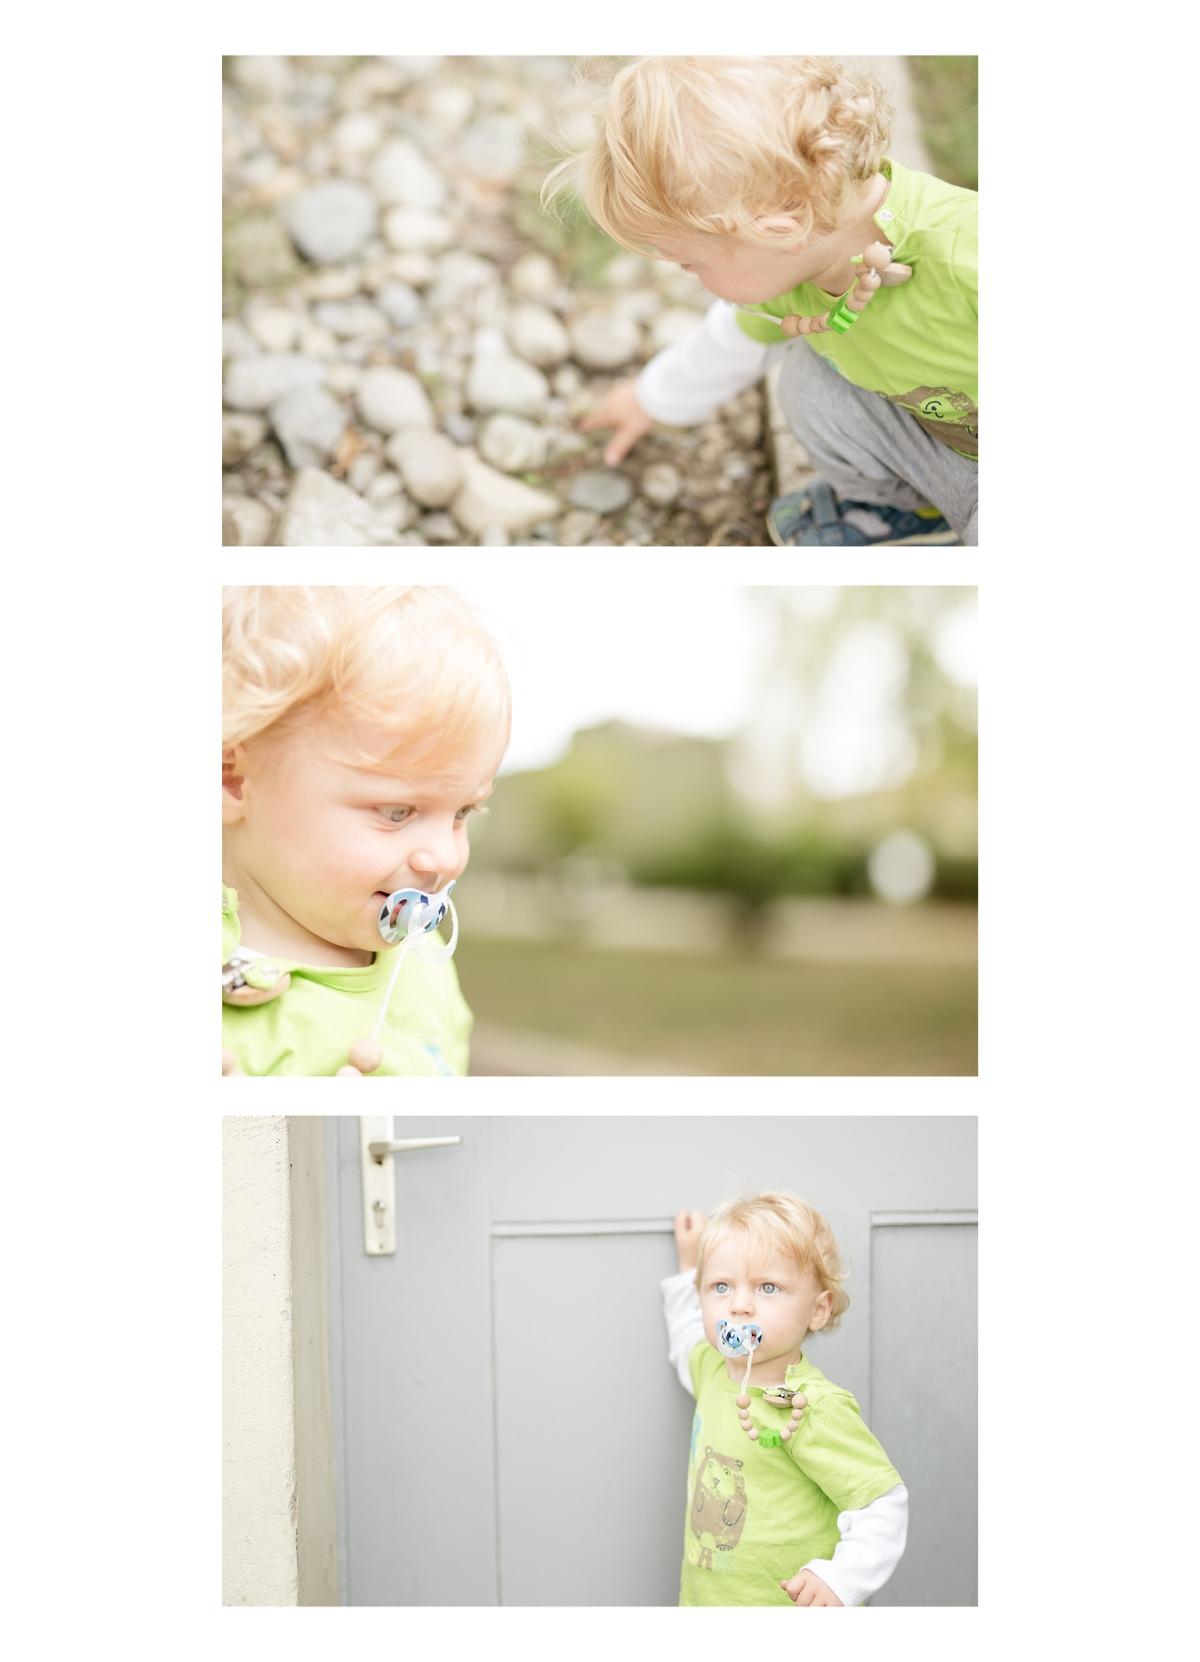 Kindershooting_Ben_03